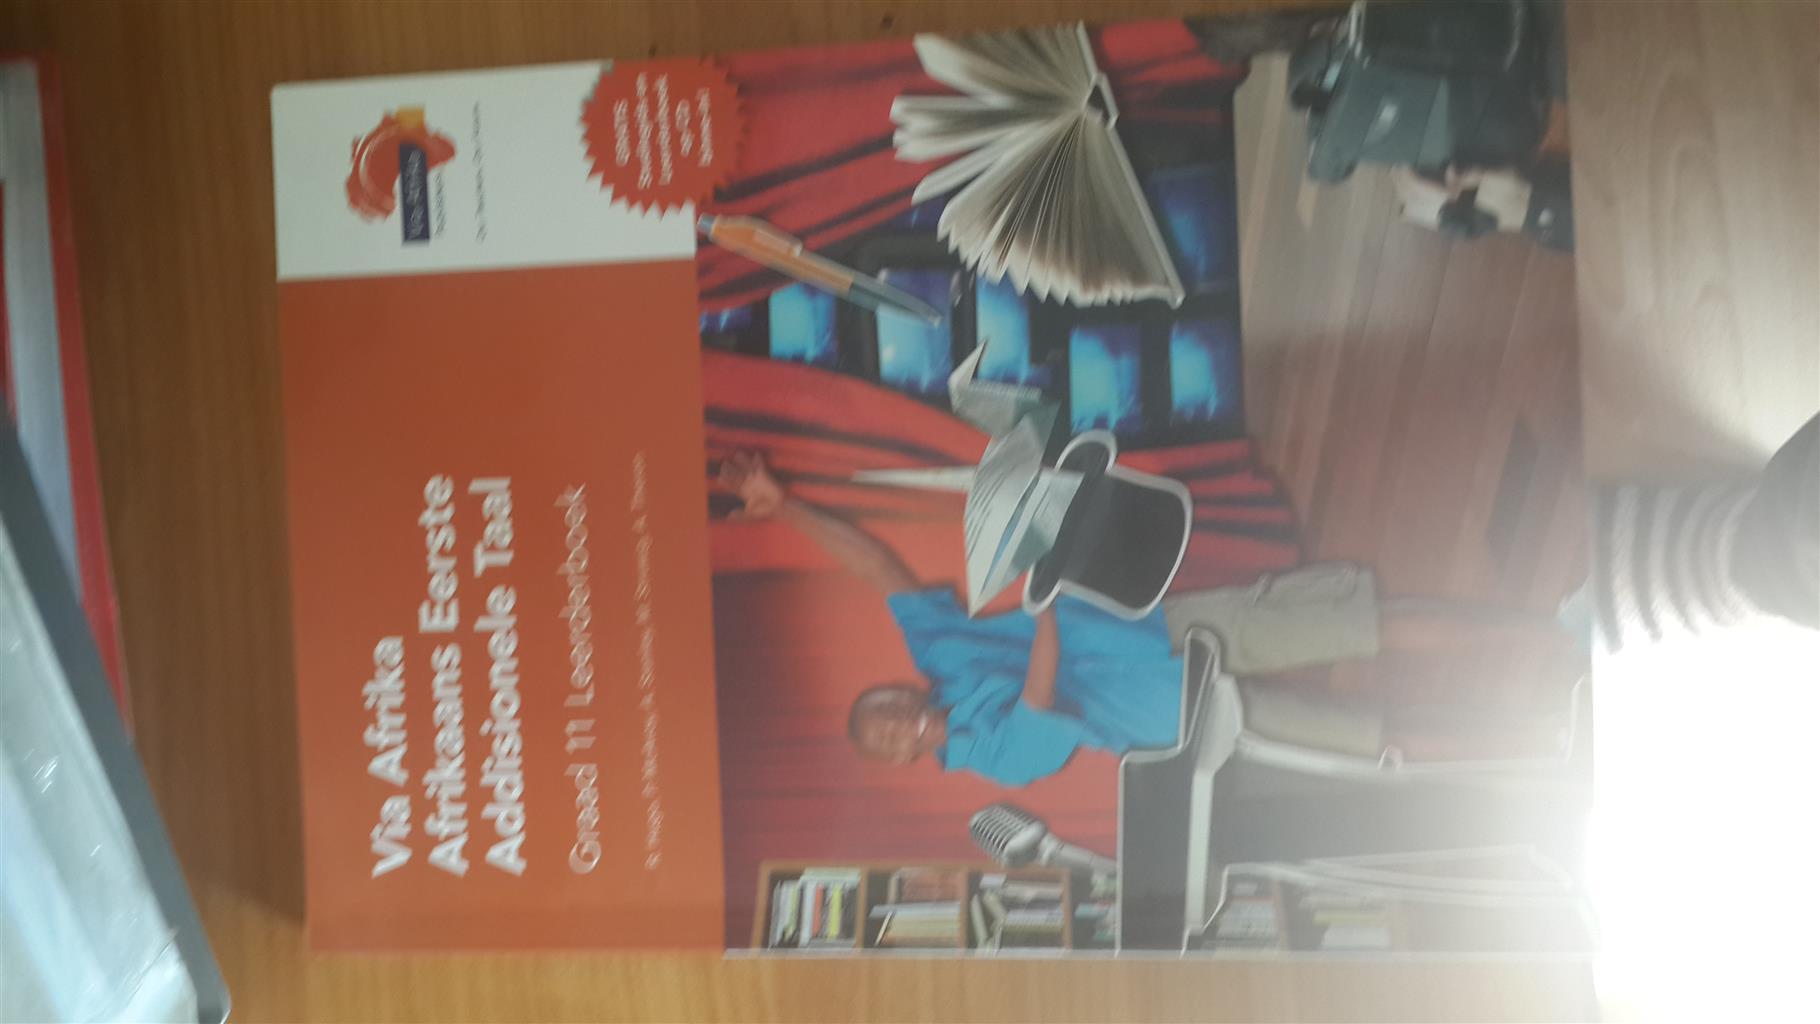 Grade 11 Text books R50 each